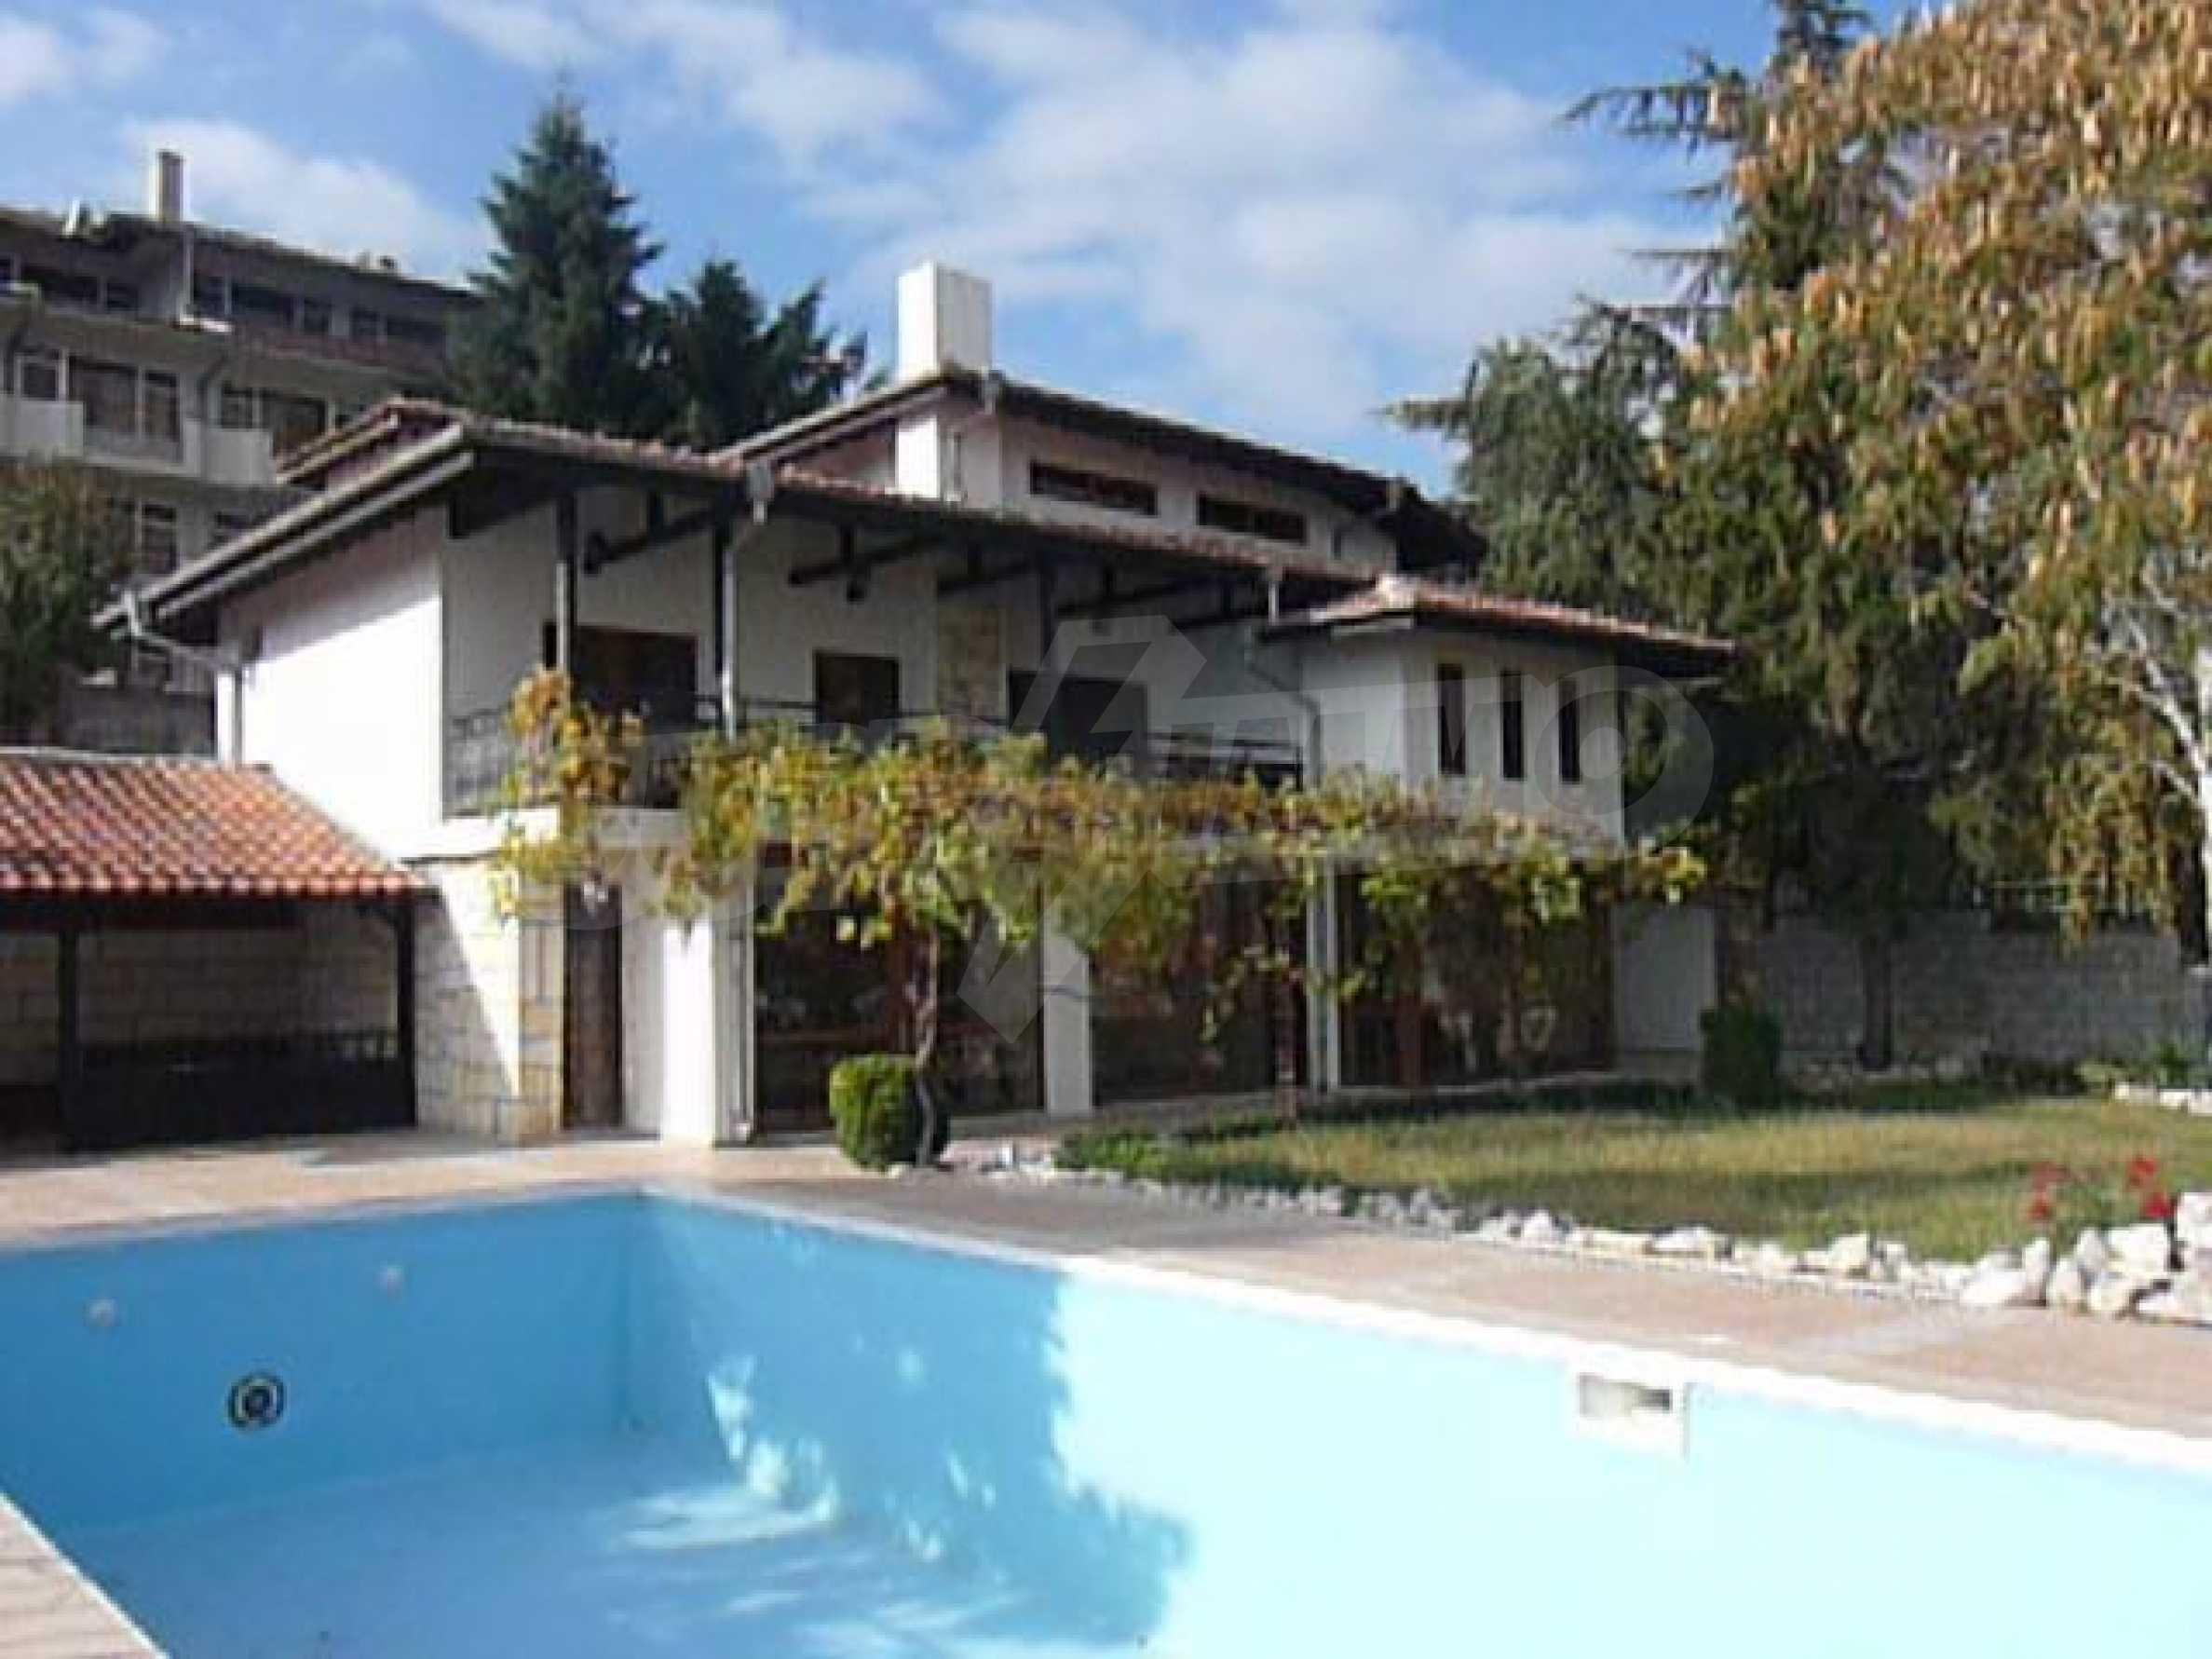 House in Kranevo 1